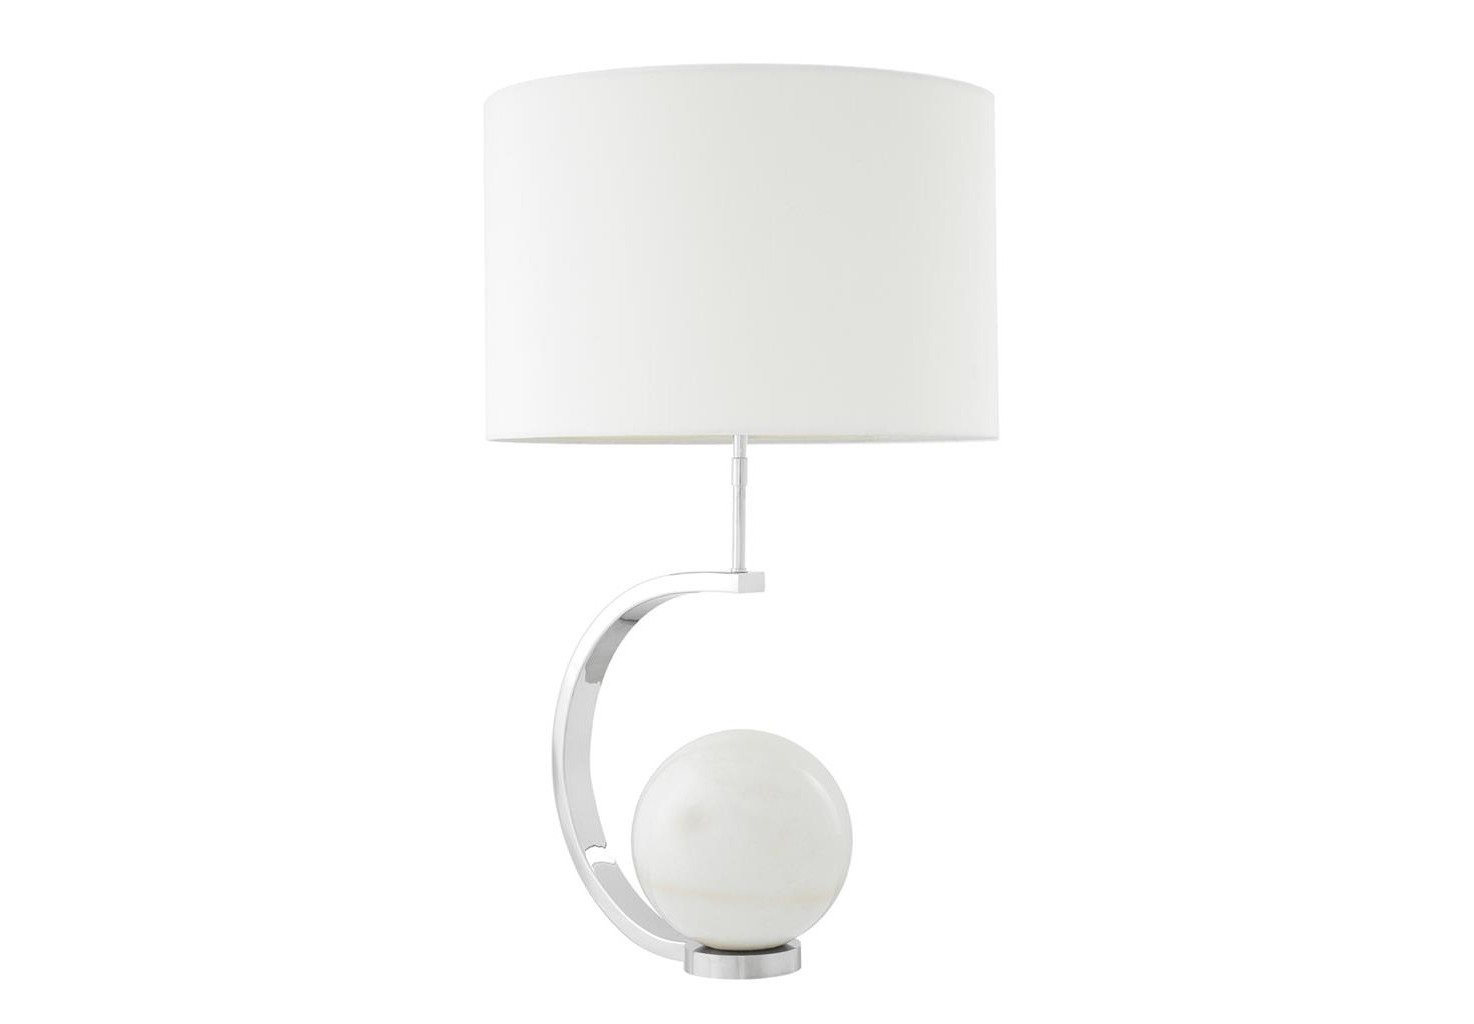 Настольная лампаДекоративные лампы<br>Настольная лампа Table Lamp Luigi с основанием из никелированного металла. Шар из белого мрамора на основании. Текстильный белый абажур скрывает лампу.&amp;lt;div&amp;gt;&amp;lt;br&amp;gt;&amp;lt;/div&amp;gt;&amp;lt;div&amp;gt;&amp;lt;div&amp;gt;Тип цоколя: E27&amp;lt;/div&amp;gt;&amp;lt;div&amp;gt;Мощность: 40W&amp;lt;/div&amp;gt;&amp;lt;div&amp;gt;Кол-во ламп: 1 (нет в комплекте)&amp;lt;/div&amp;gt;&amp;lt;/div&amp;gt;<br><br>Material: Металл<br>Width см: 35<br>Depth см: 48<br>Height см: 80